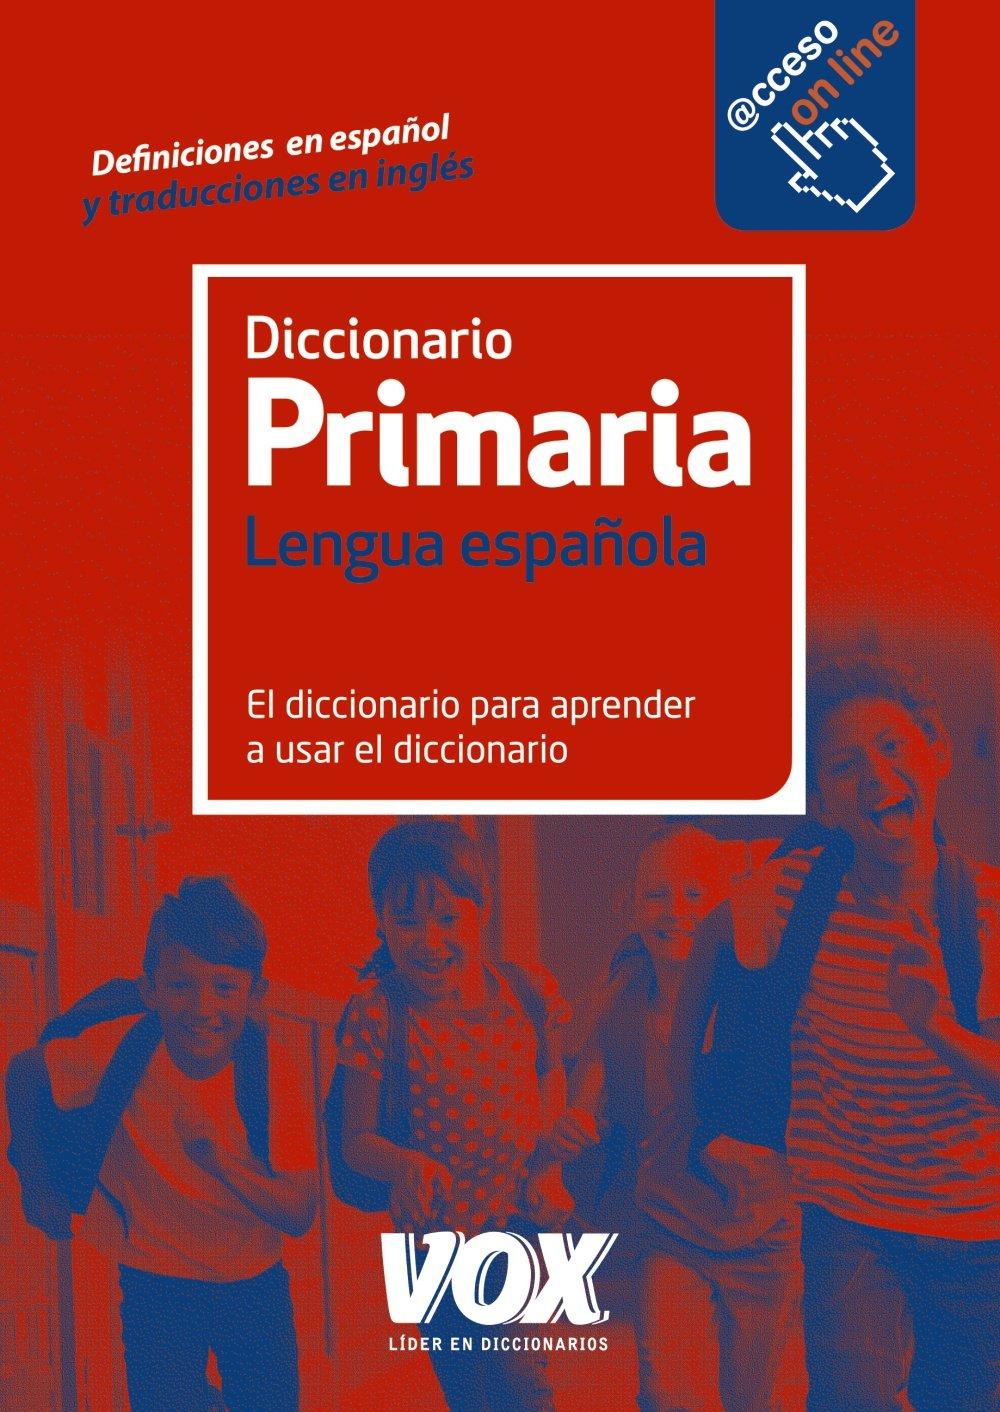 Diccionario De Primaria (Vox - Lengua Española - Diccionarios Escolares) - 9788499742106 Tapa blanda – 21 abr 2016 Larousse Editorial Sílvia Ortega Ruiz Bertomeu Seguí Nicolau CBD